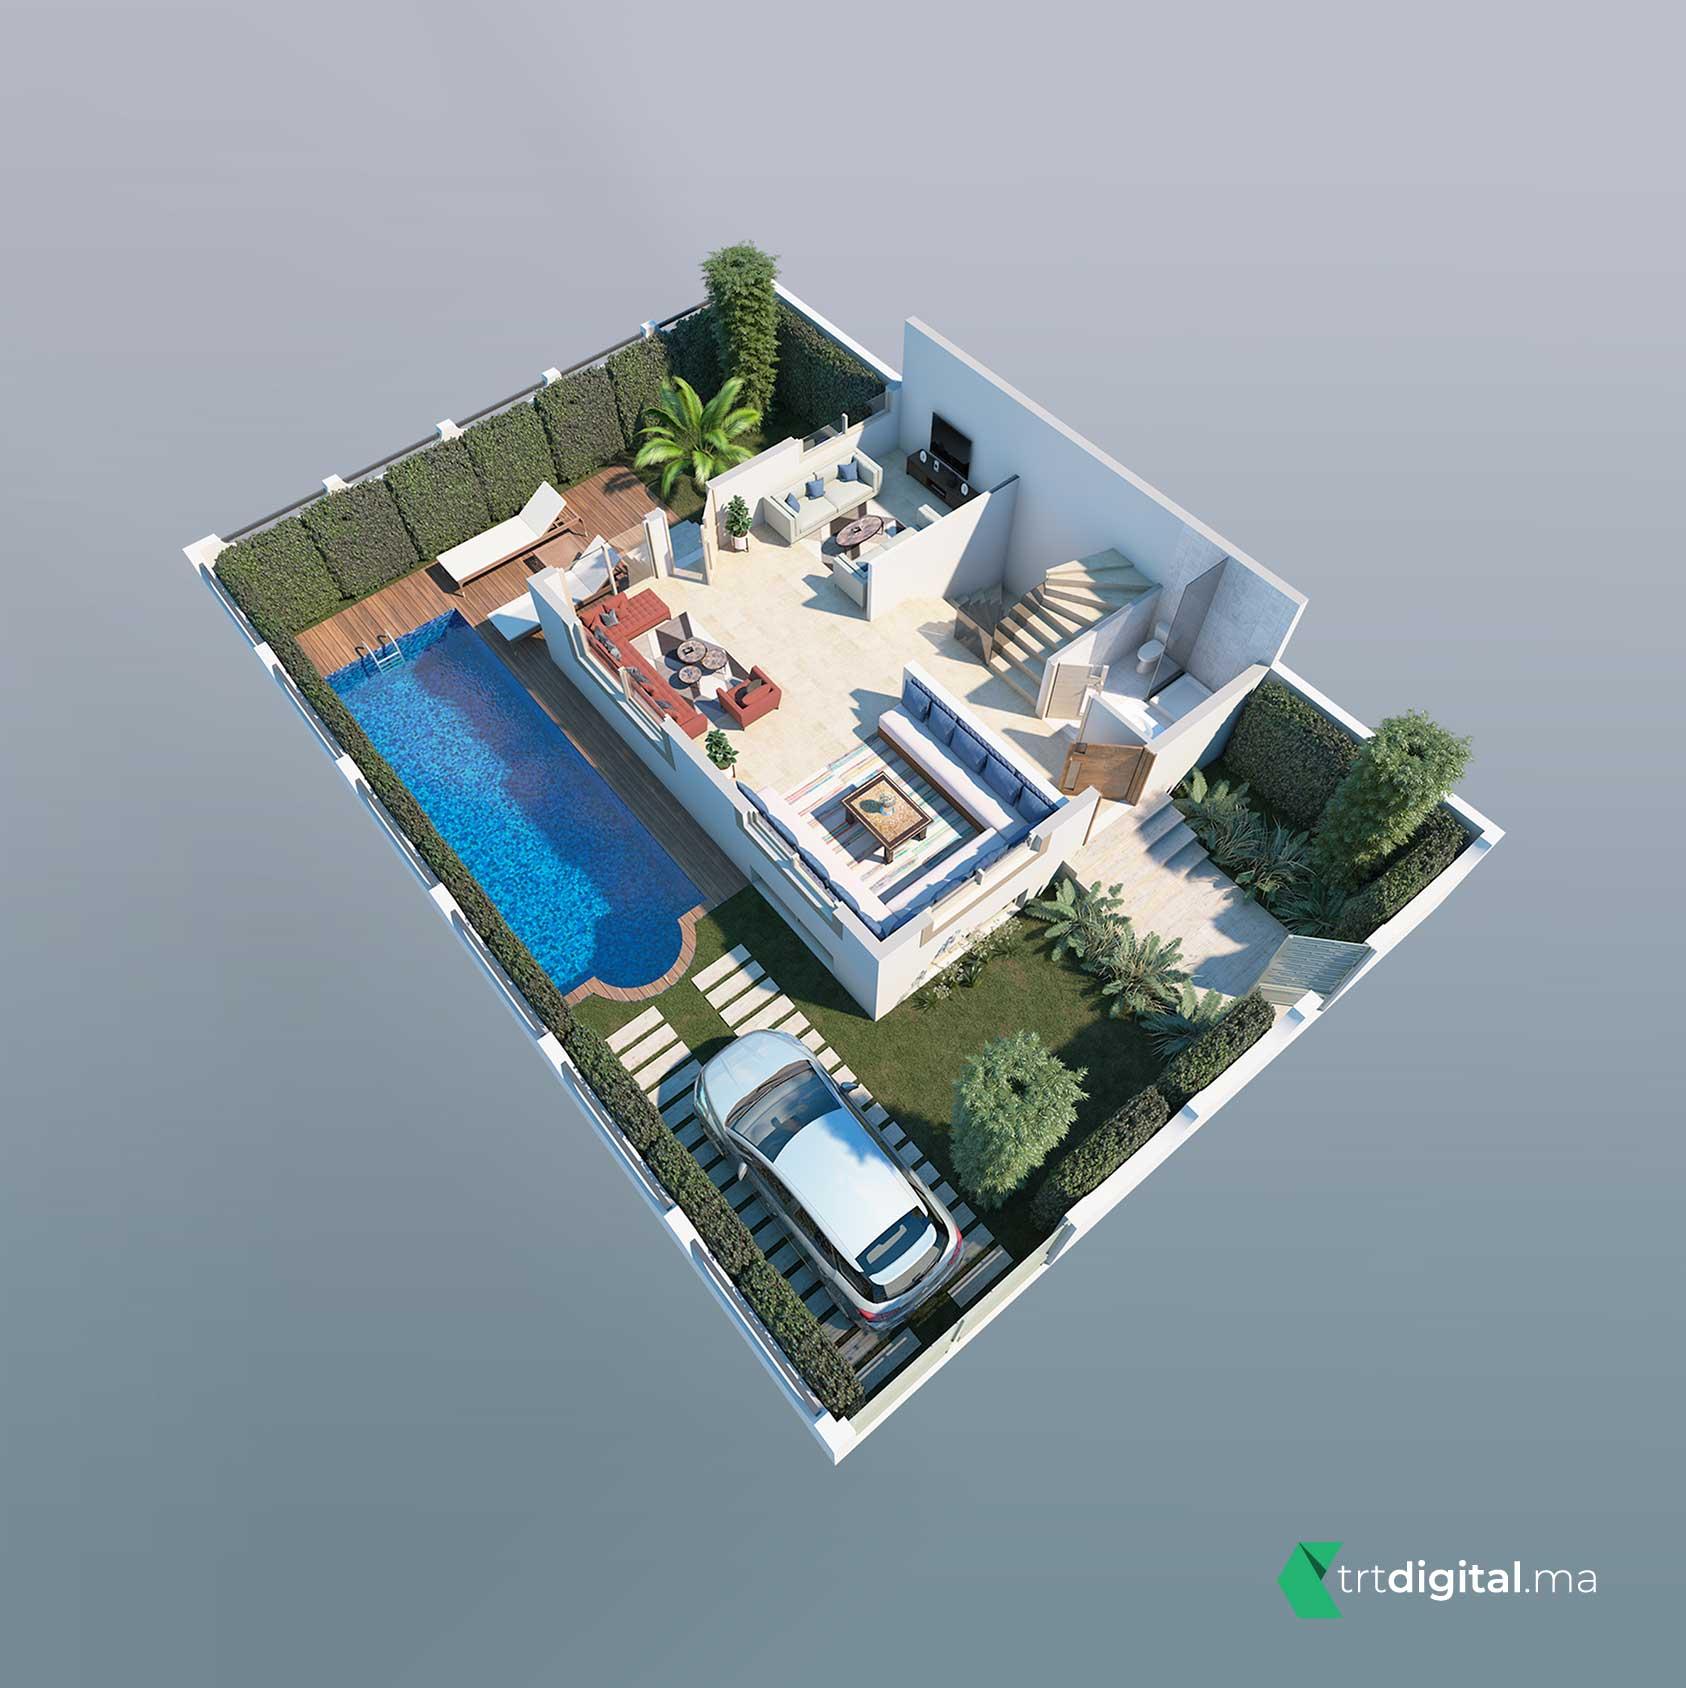 iCom-Agence-de-Communication-au-Maroc-Casablanca-creation-photo-archetecture-interieur-exterieur-3d2020-05-24 at 4.31.04 PM 18